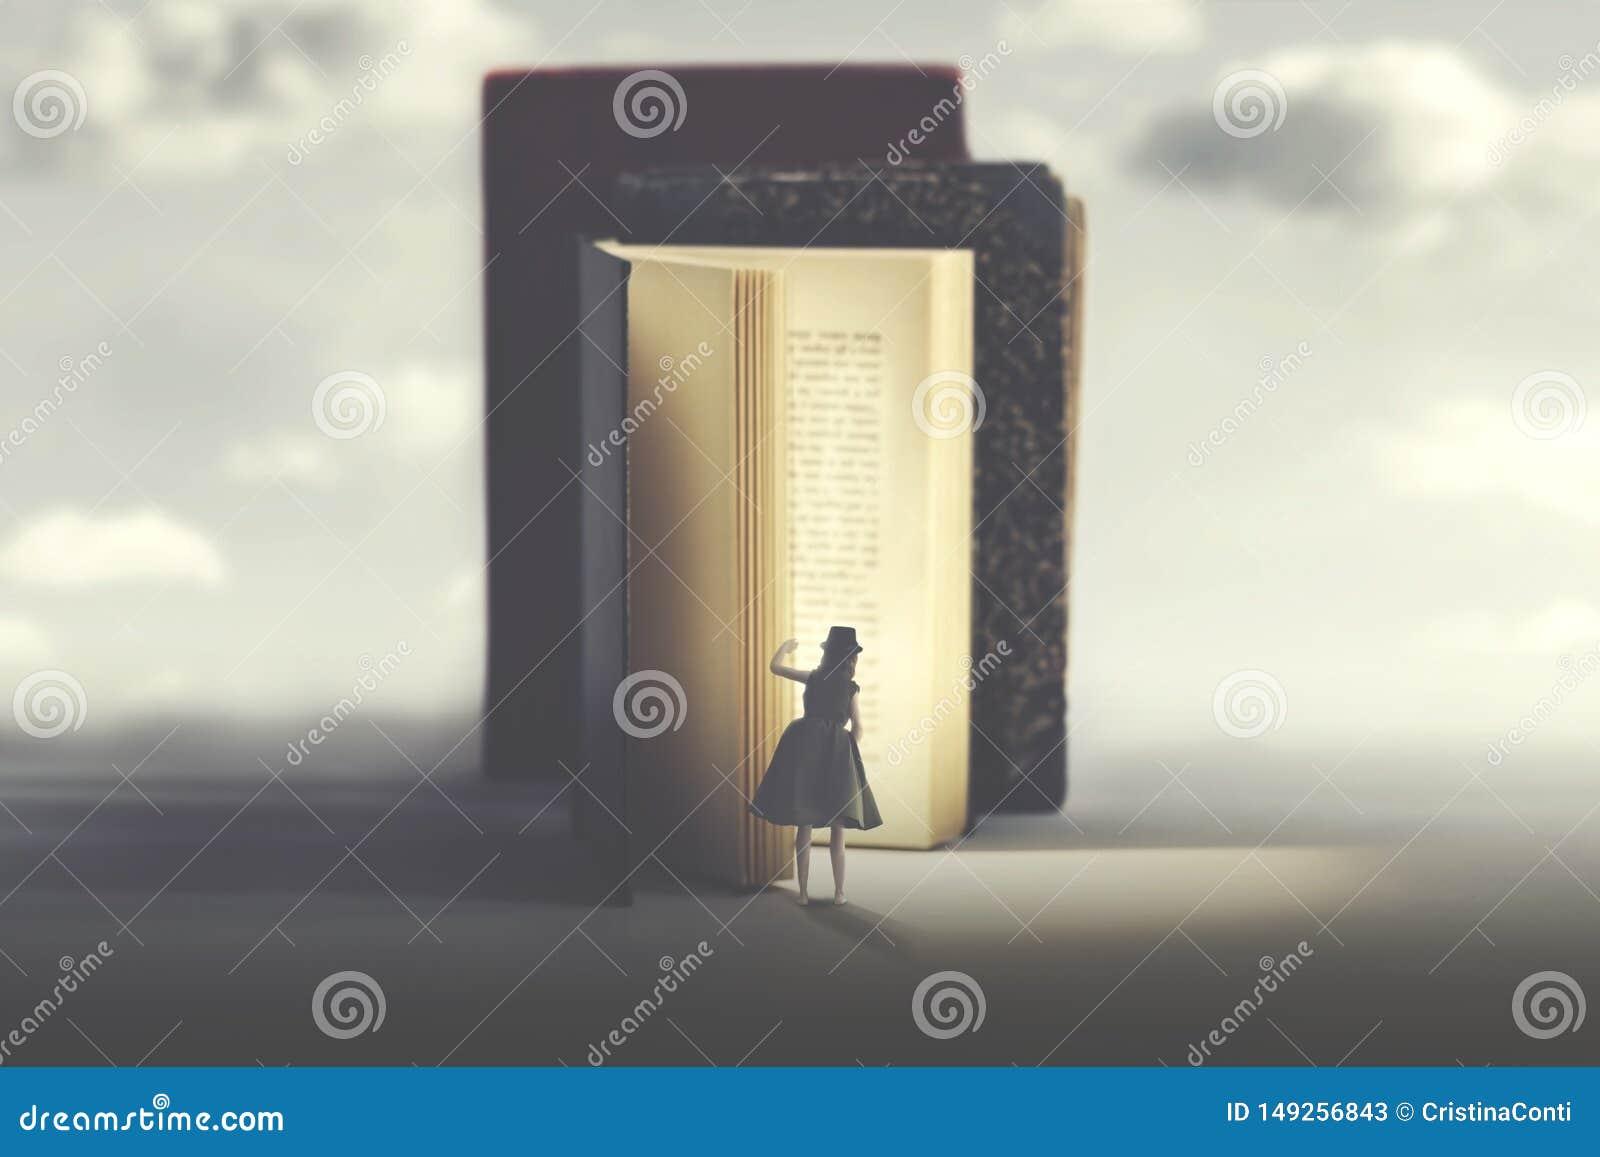 Neugierige Frau untersucht ein mysteriöses belichtetes Buch